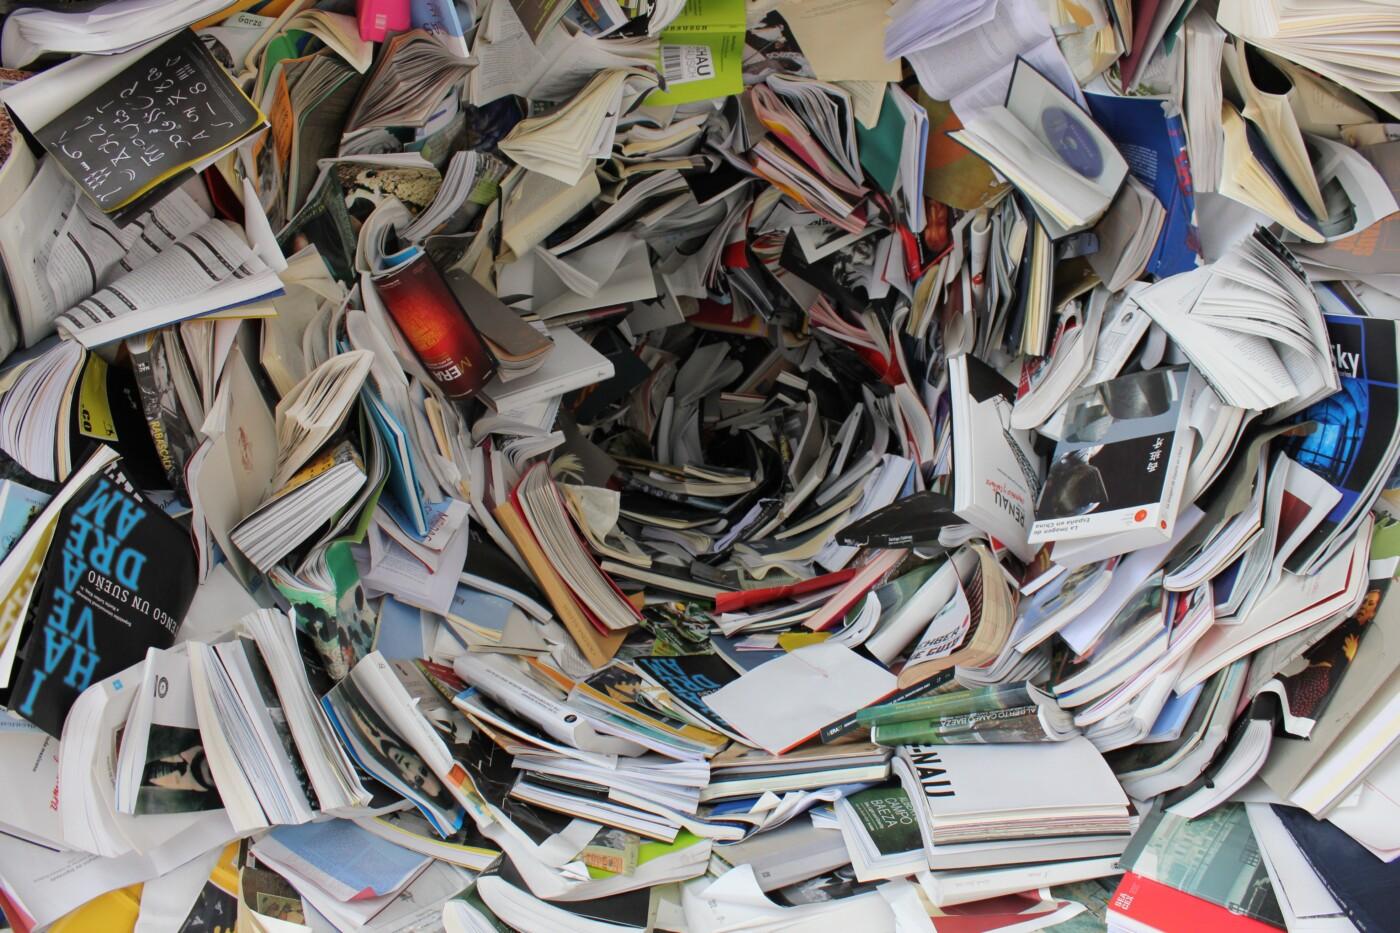 bøger og papirer i bunke